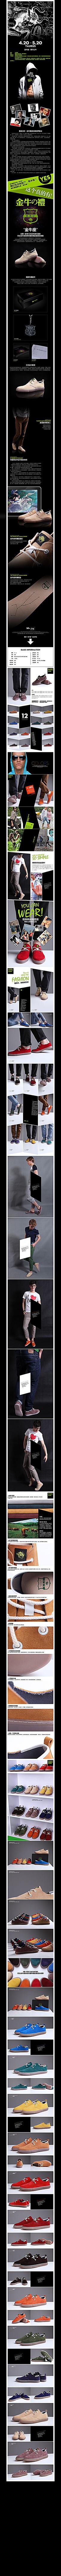 金牛座时尚牛仔帆布鞋细节详情页PSD素材